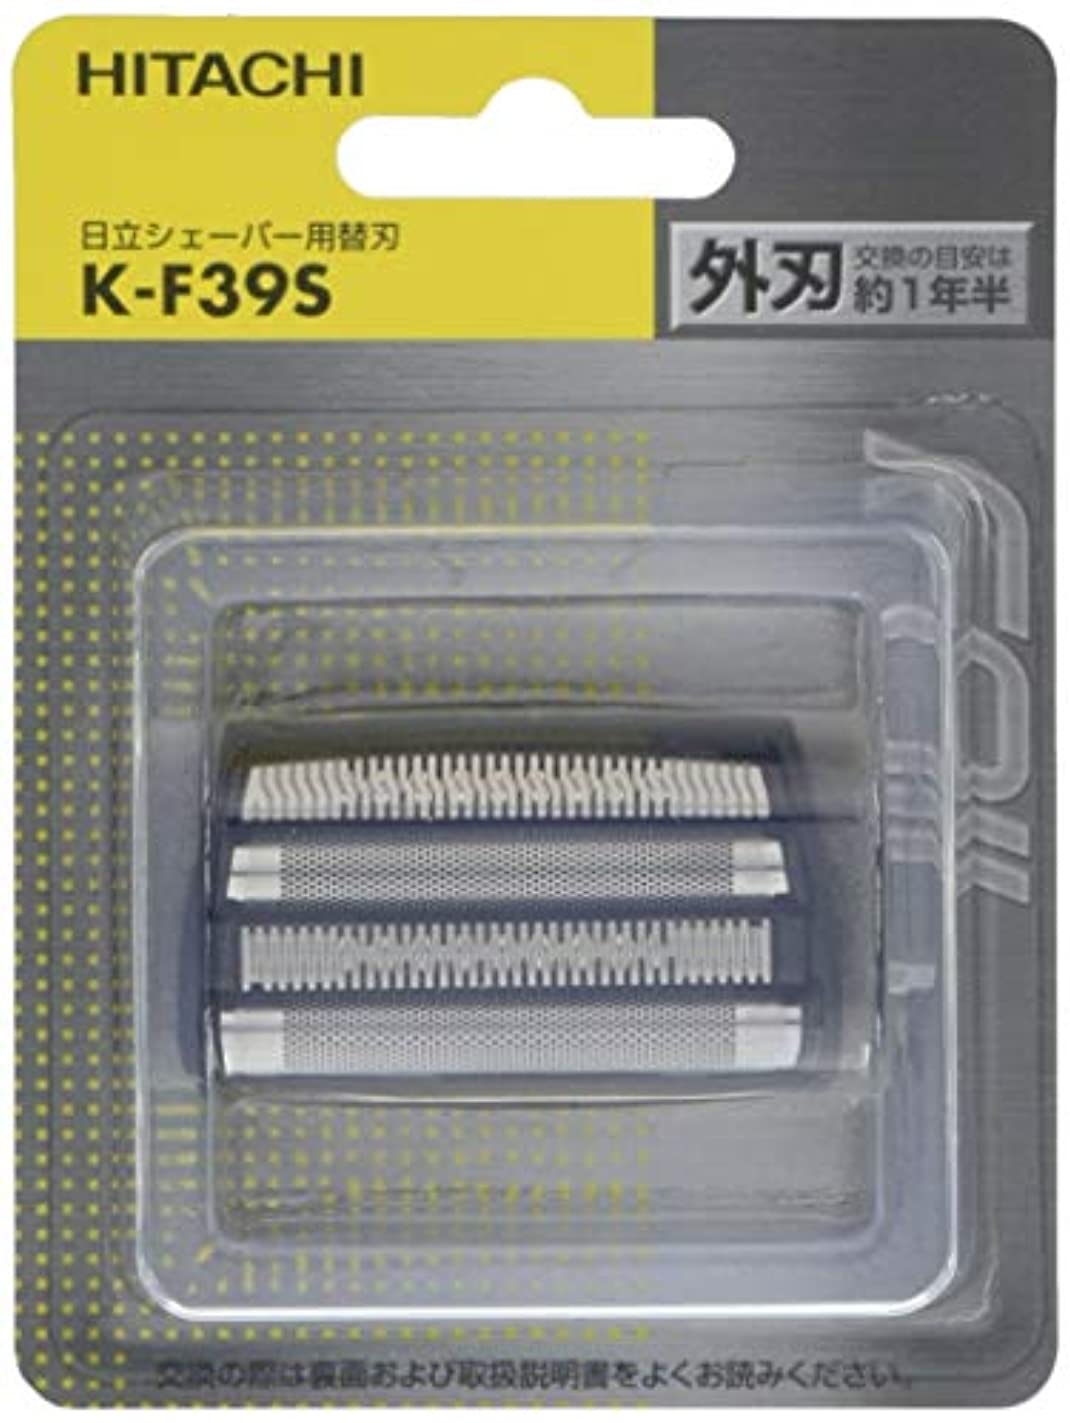 変なミル空港日立 メンズシェーバー用替刃(外刃) K-F39S